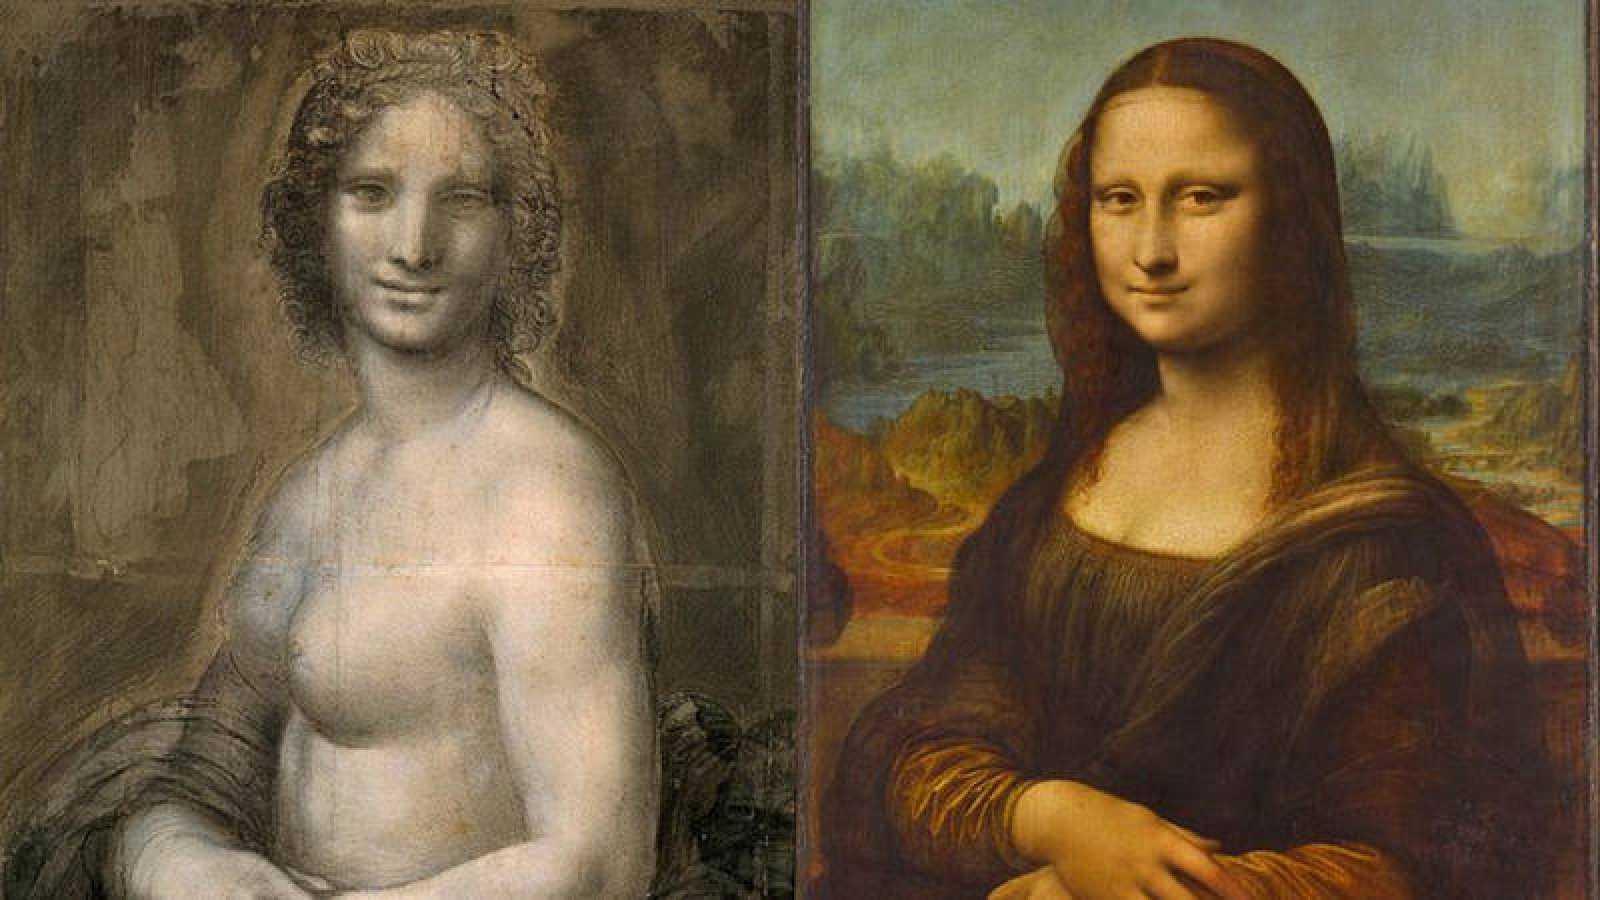 A la izquierda, la Gioconda de Chantilly; a la derecha, la Gioconda del Louvre.